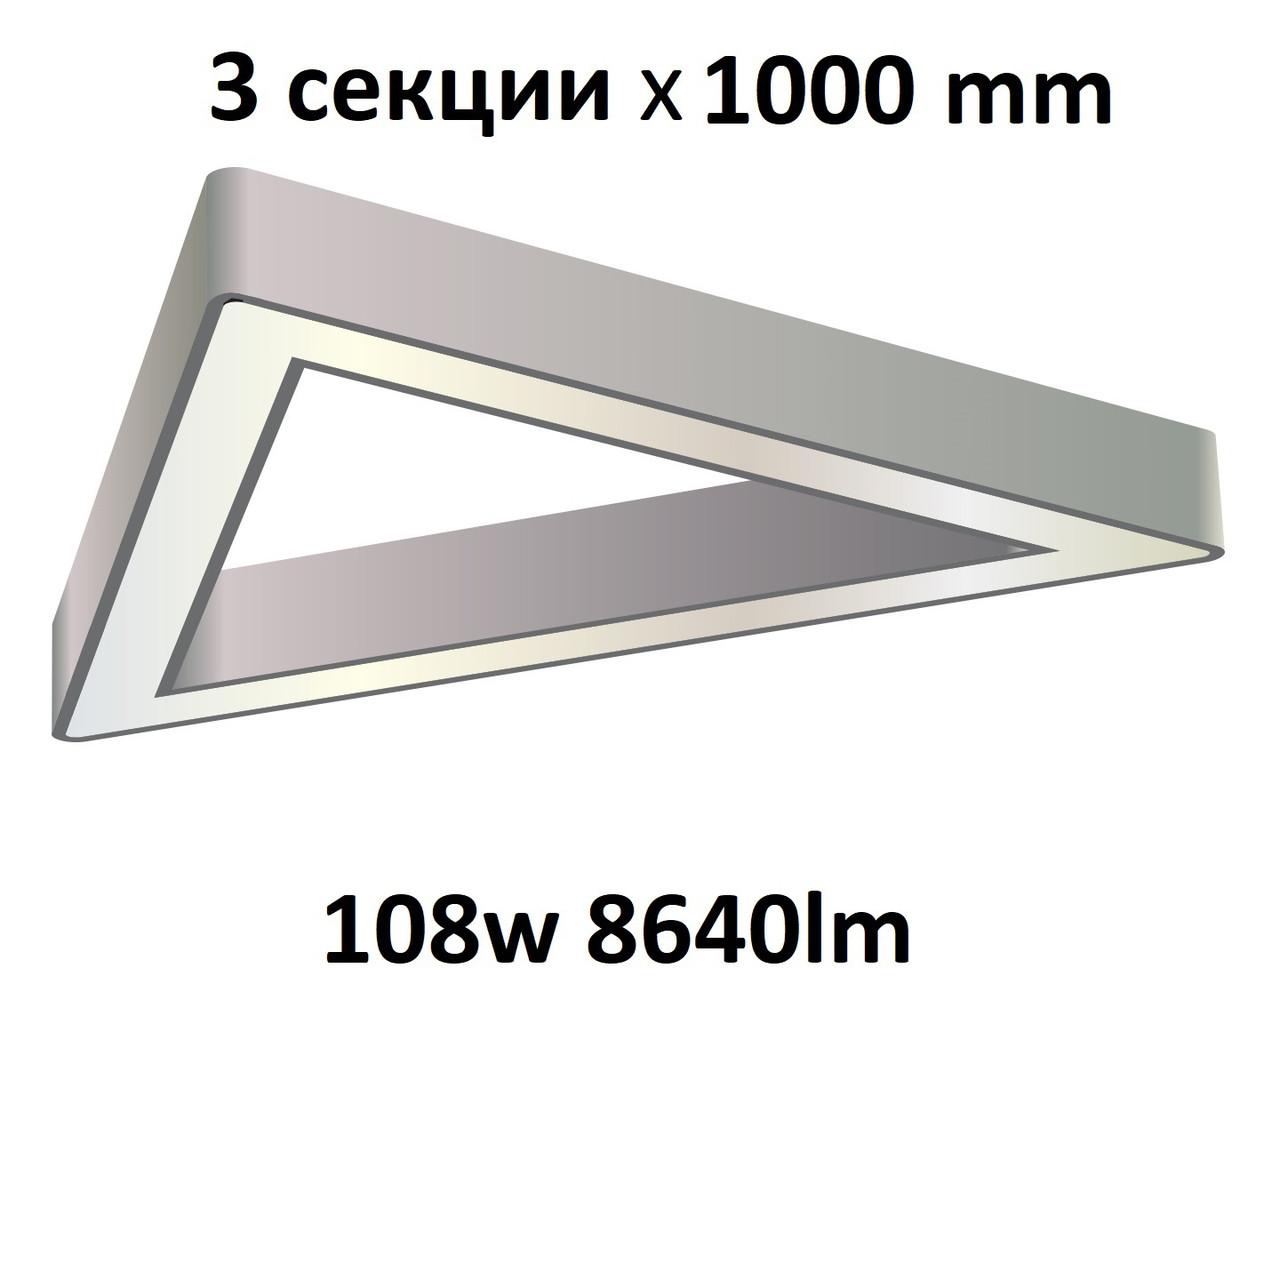 """Turman """"Треугольник 1000"""" 108W 8640Lm фигурный светодиодный светильник"""